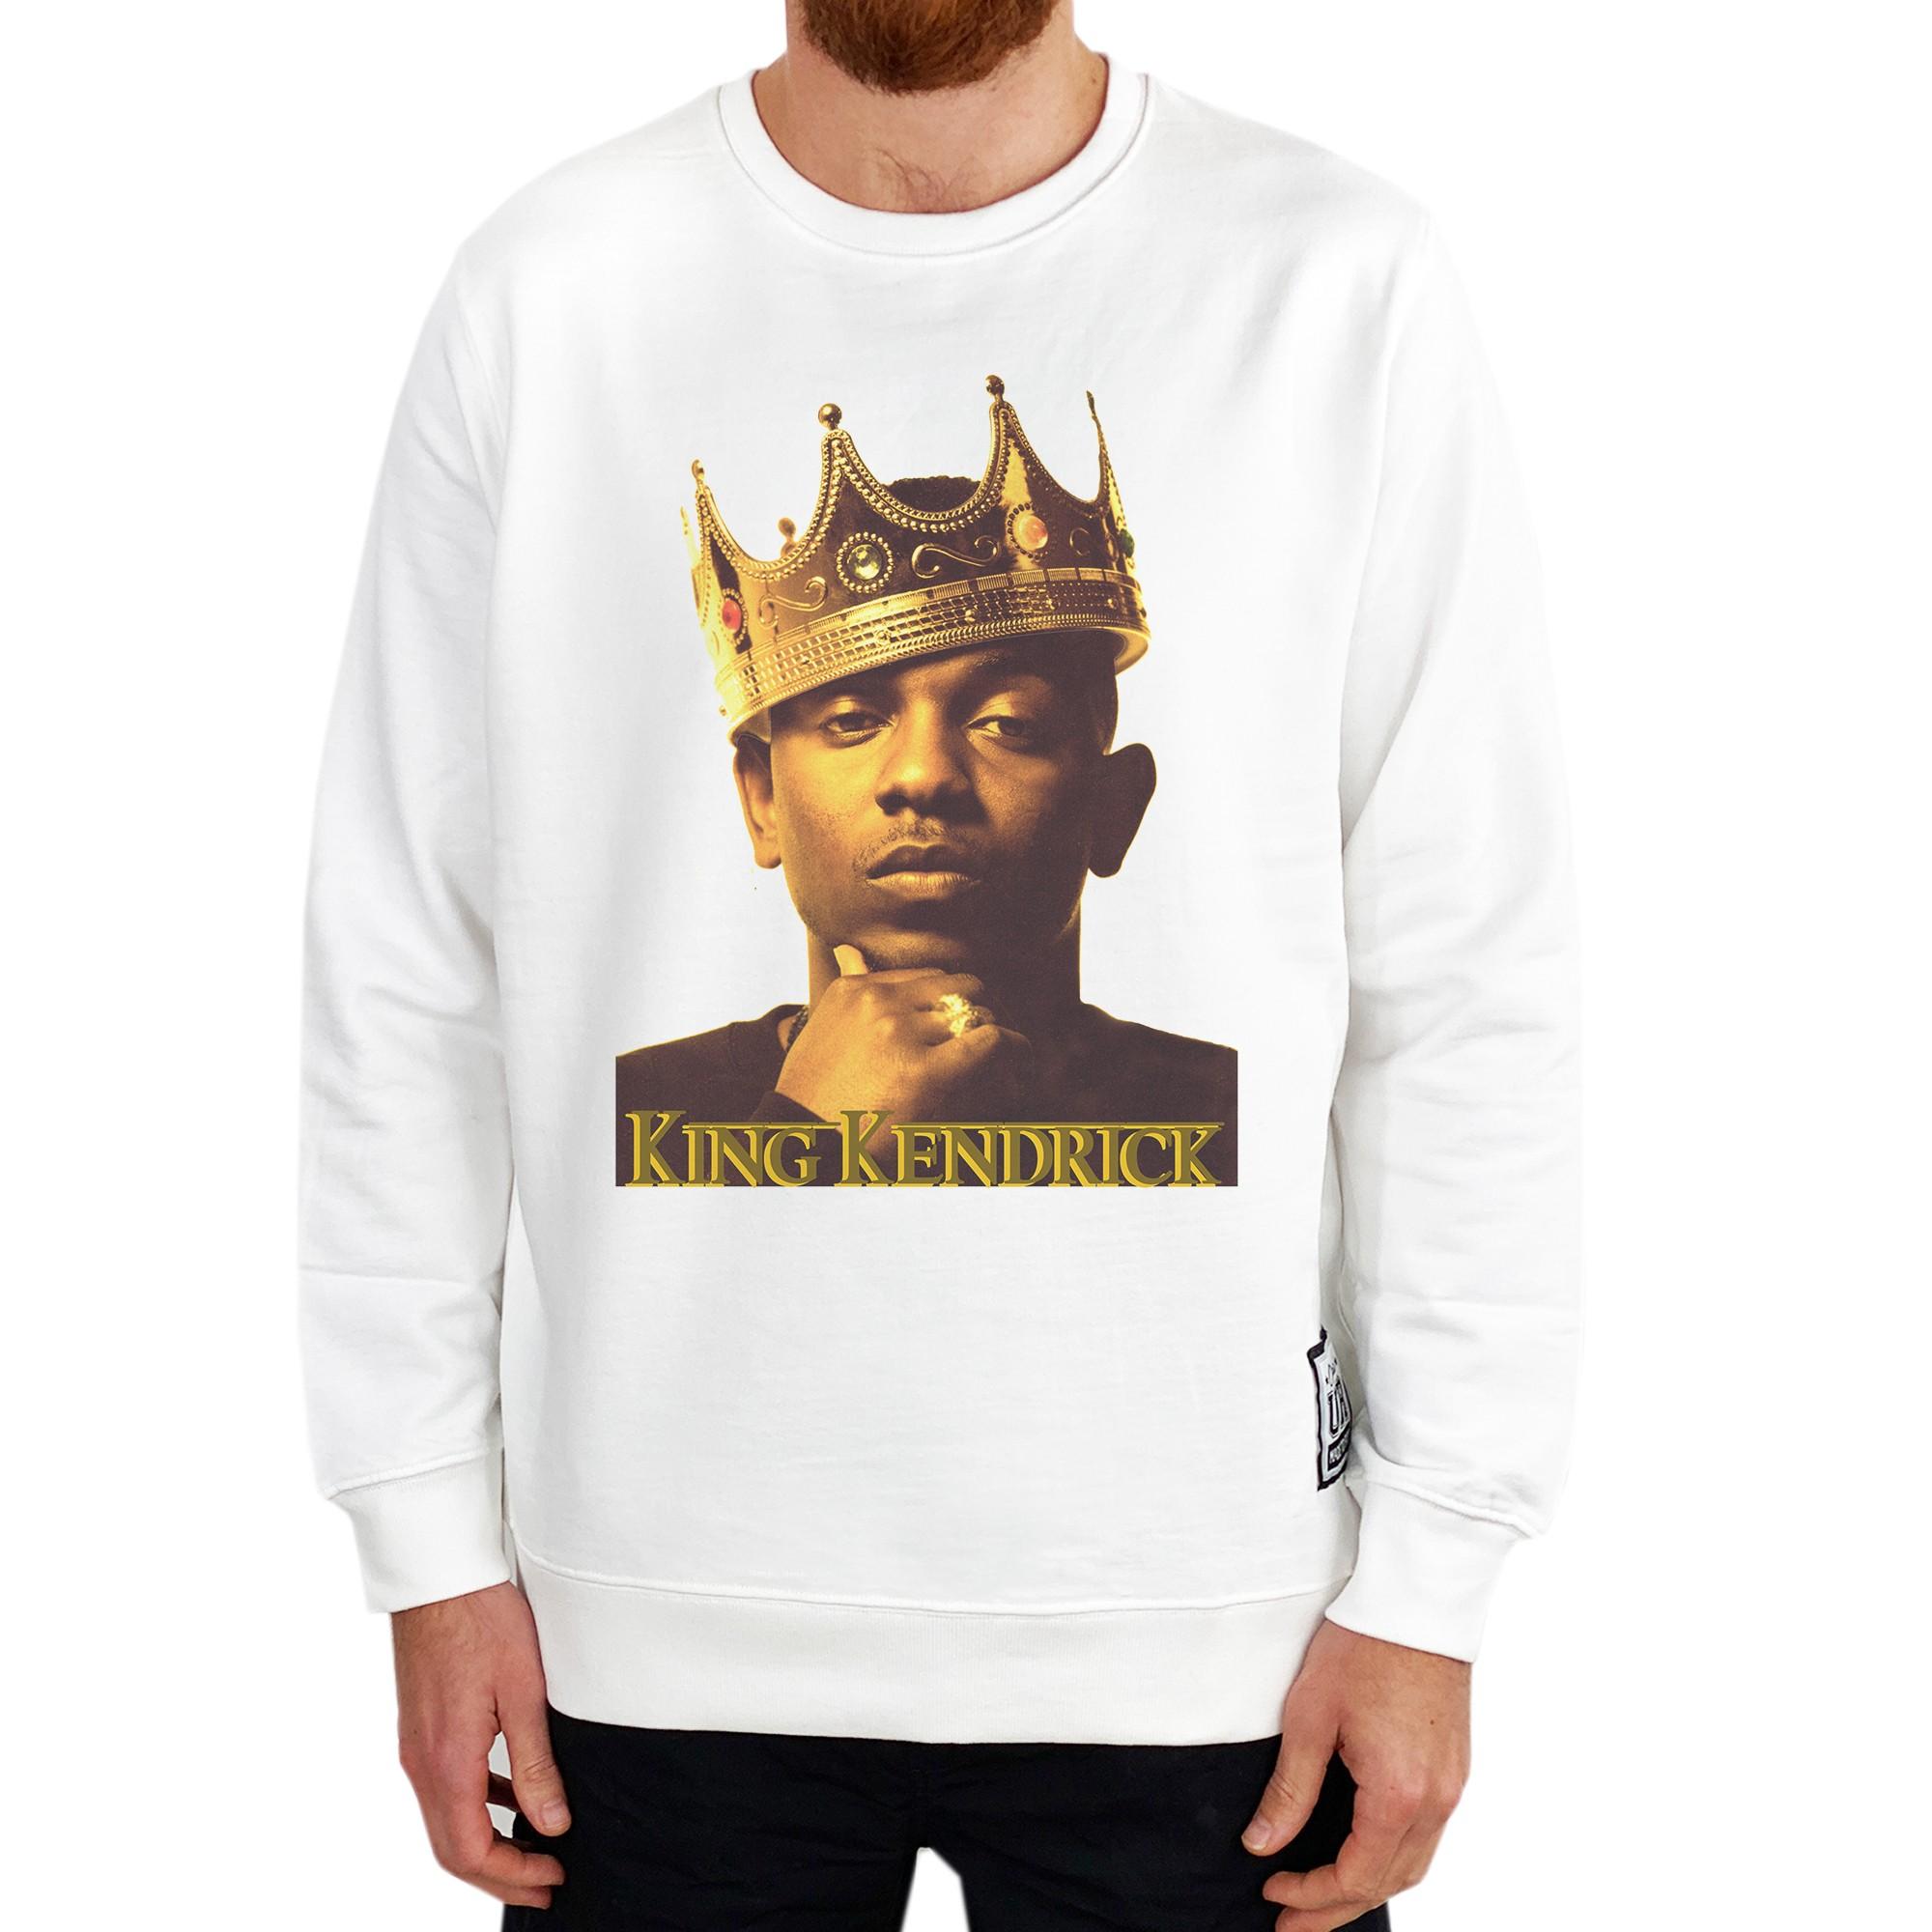 KING KENDRICK WHITE CREW